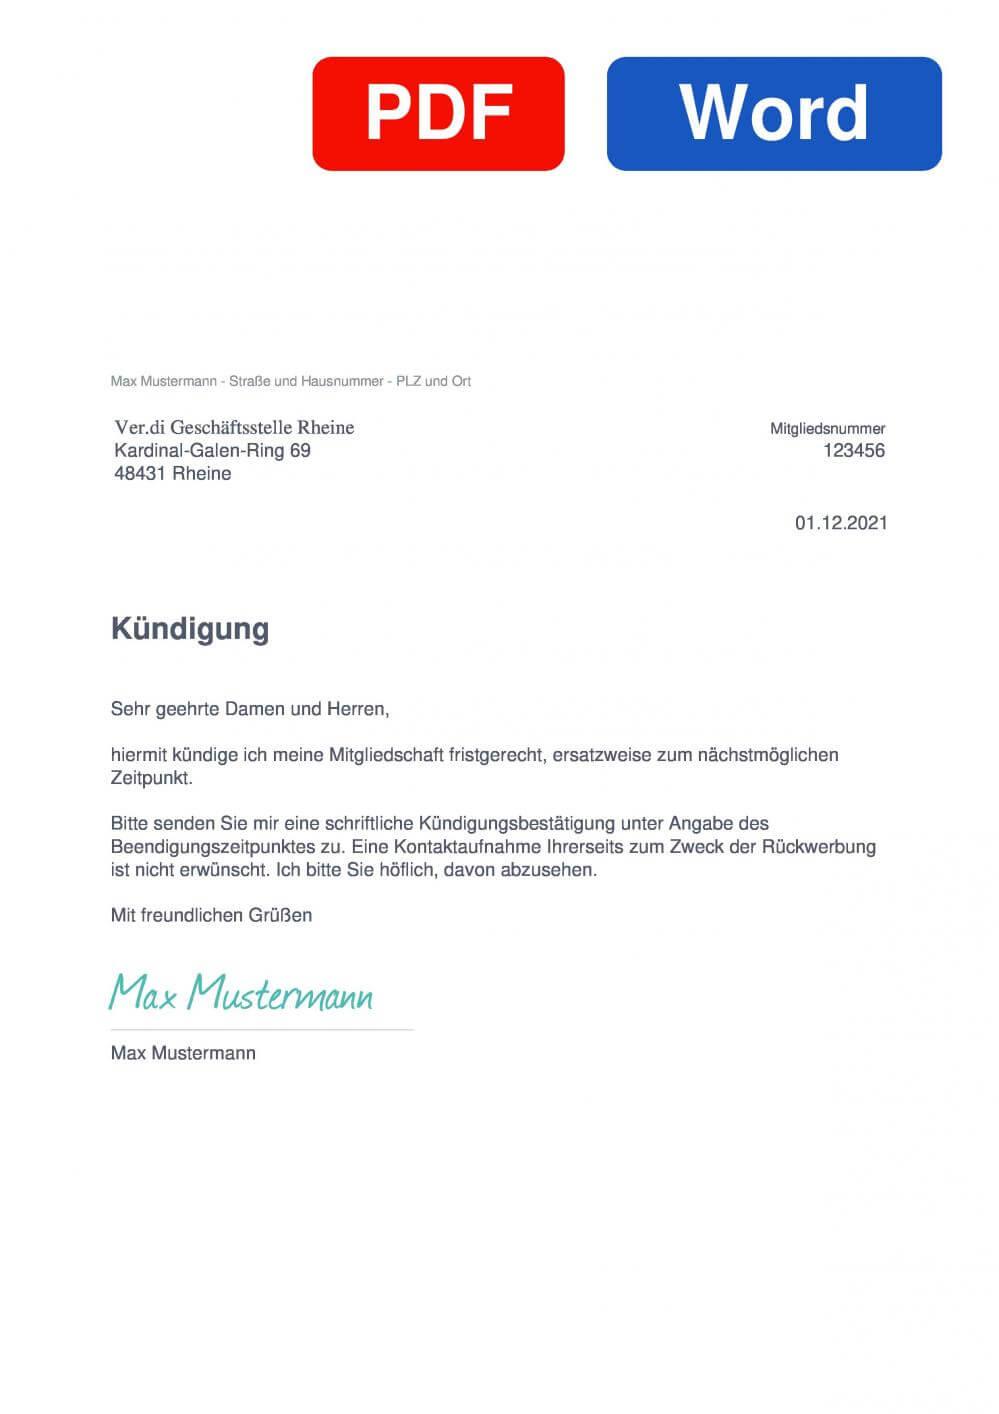 Verdi Rheine Muster Vorlage für Kündigungsschreiben